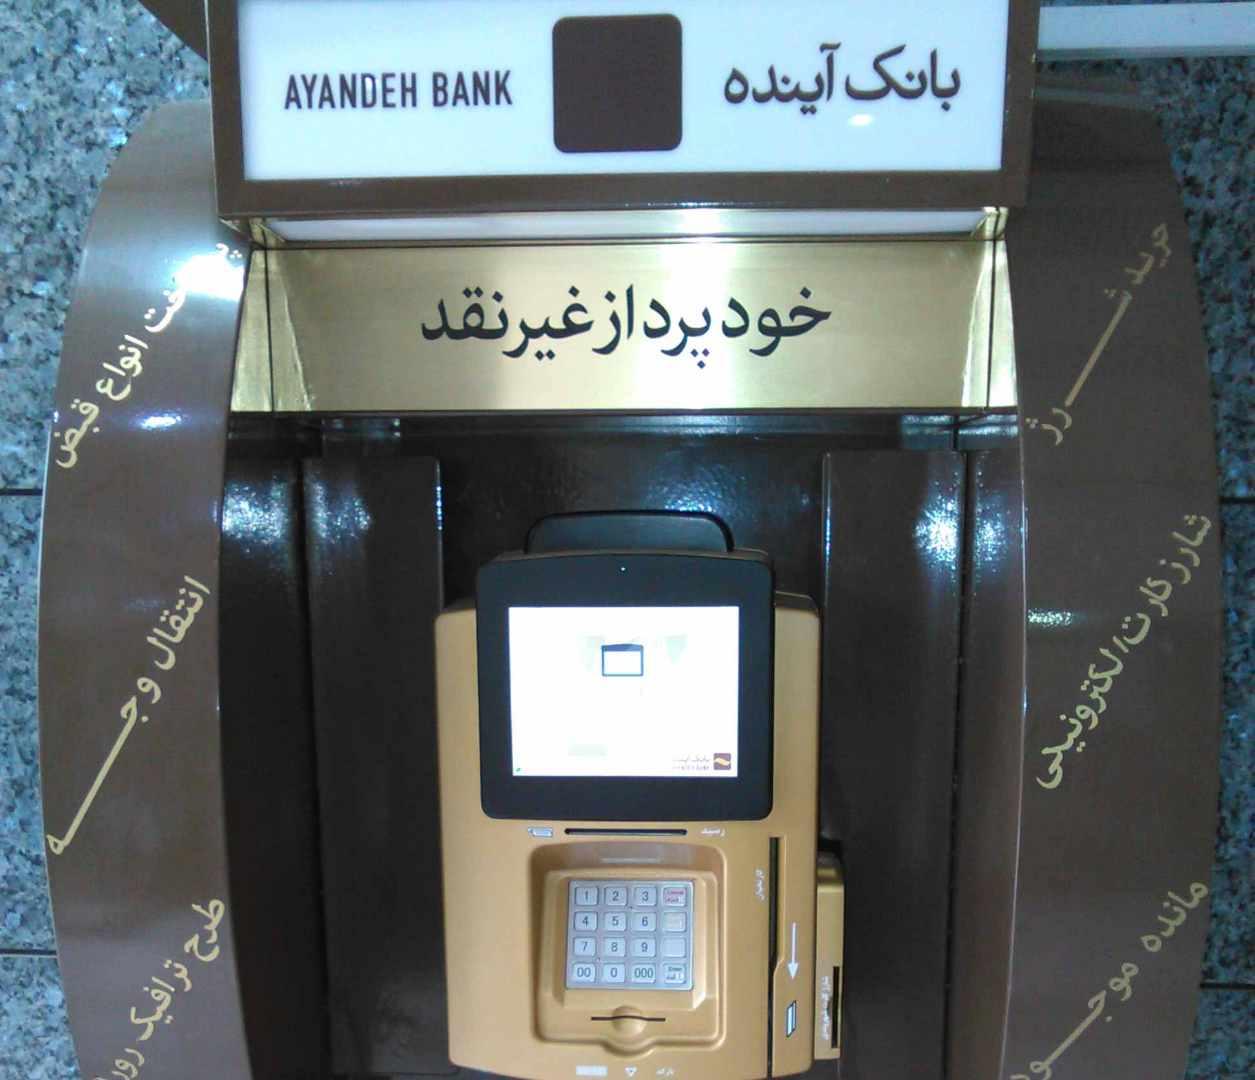 ساخت سایبان خودپرداز غیر نقد بانک آینده